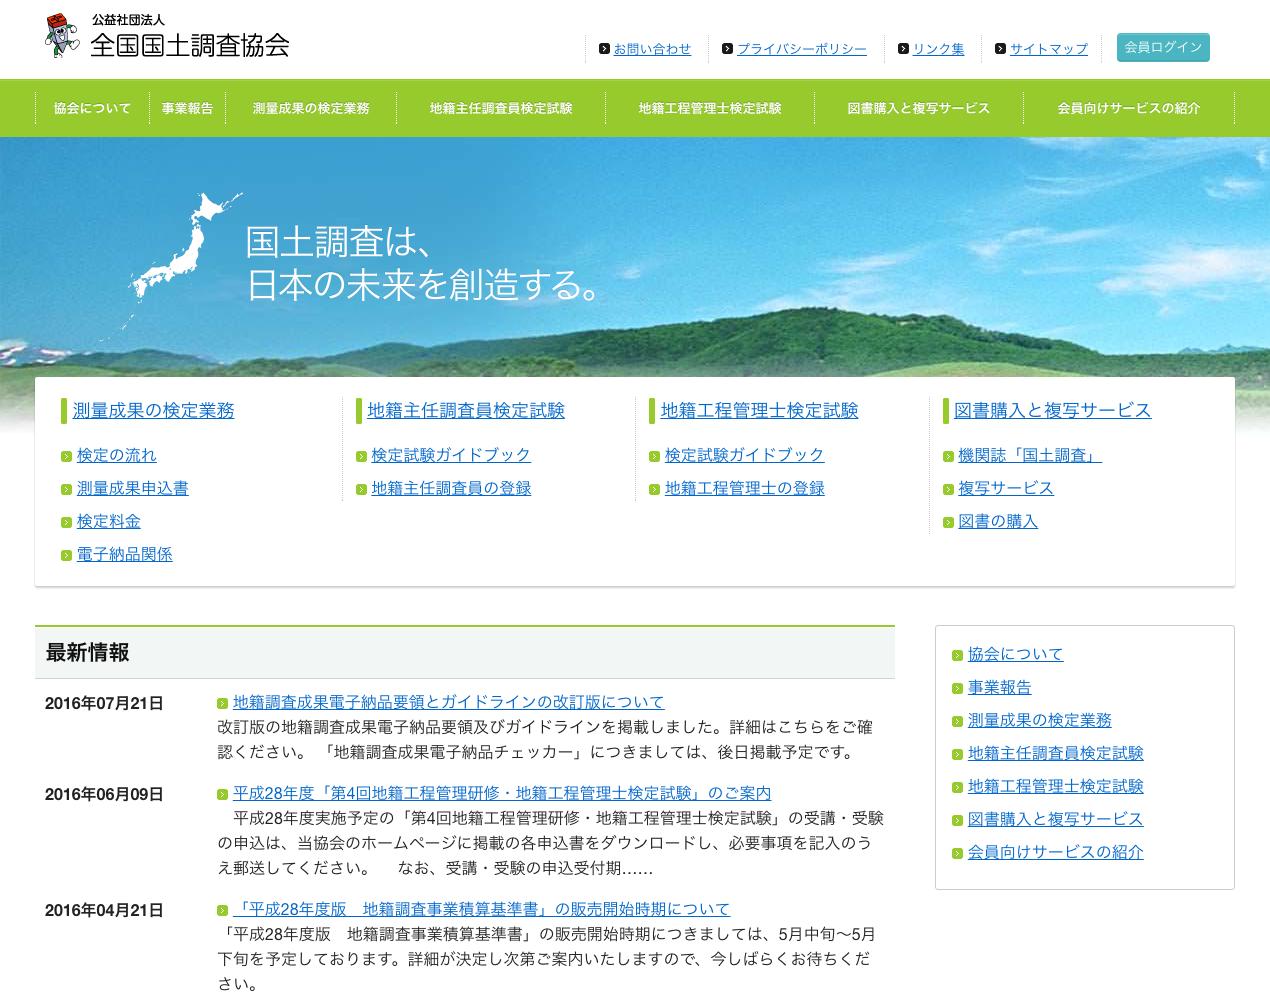 screencapture-www-zen-kyo-or-jp-1469506050732